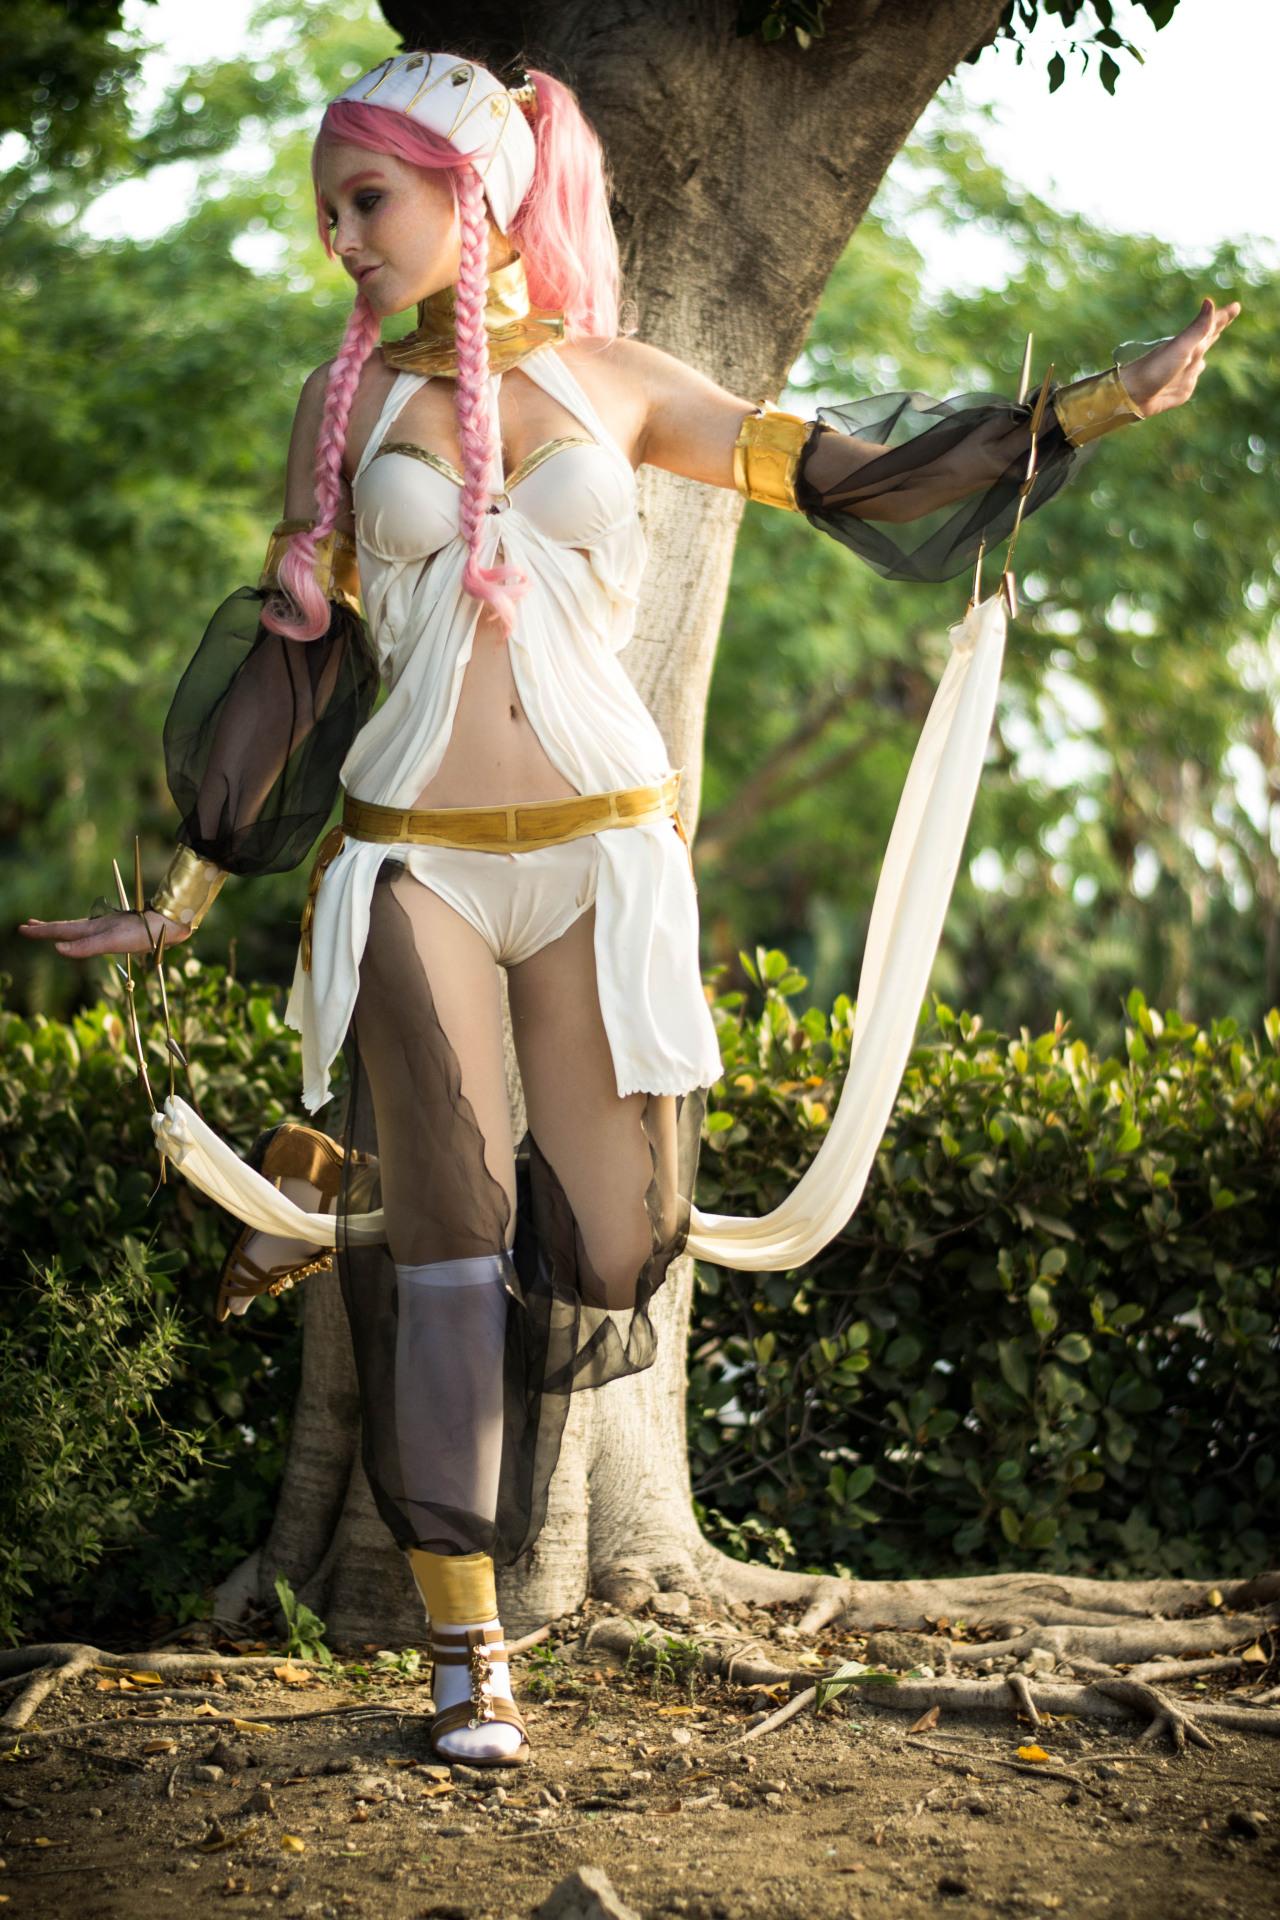 Les cosplay fire emblem - Page 6 Tumblr_mpvfai7bhN1qcg1lco5_1280